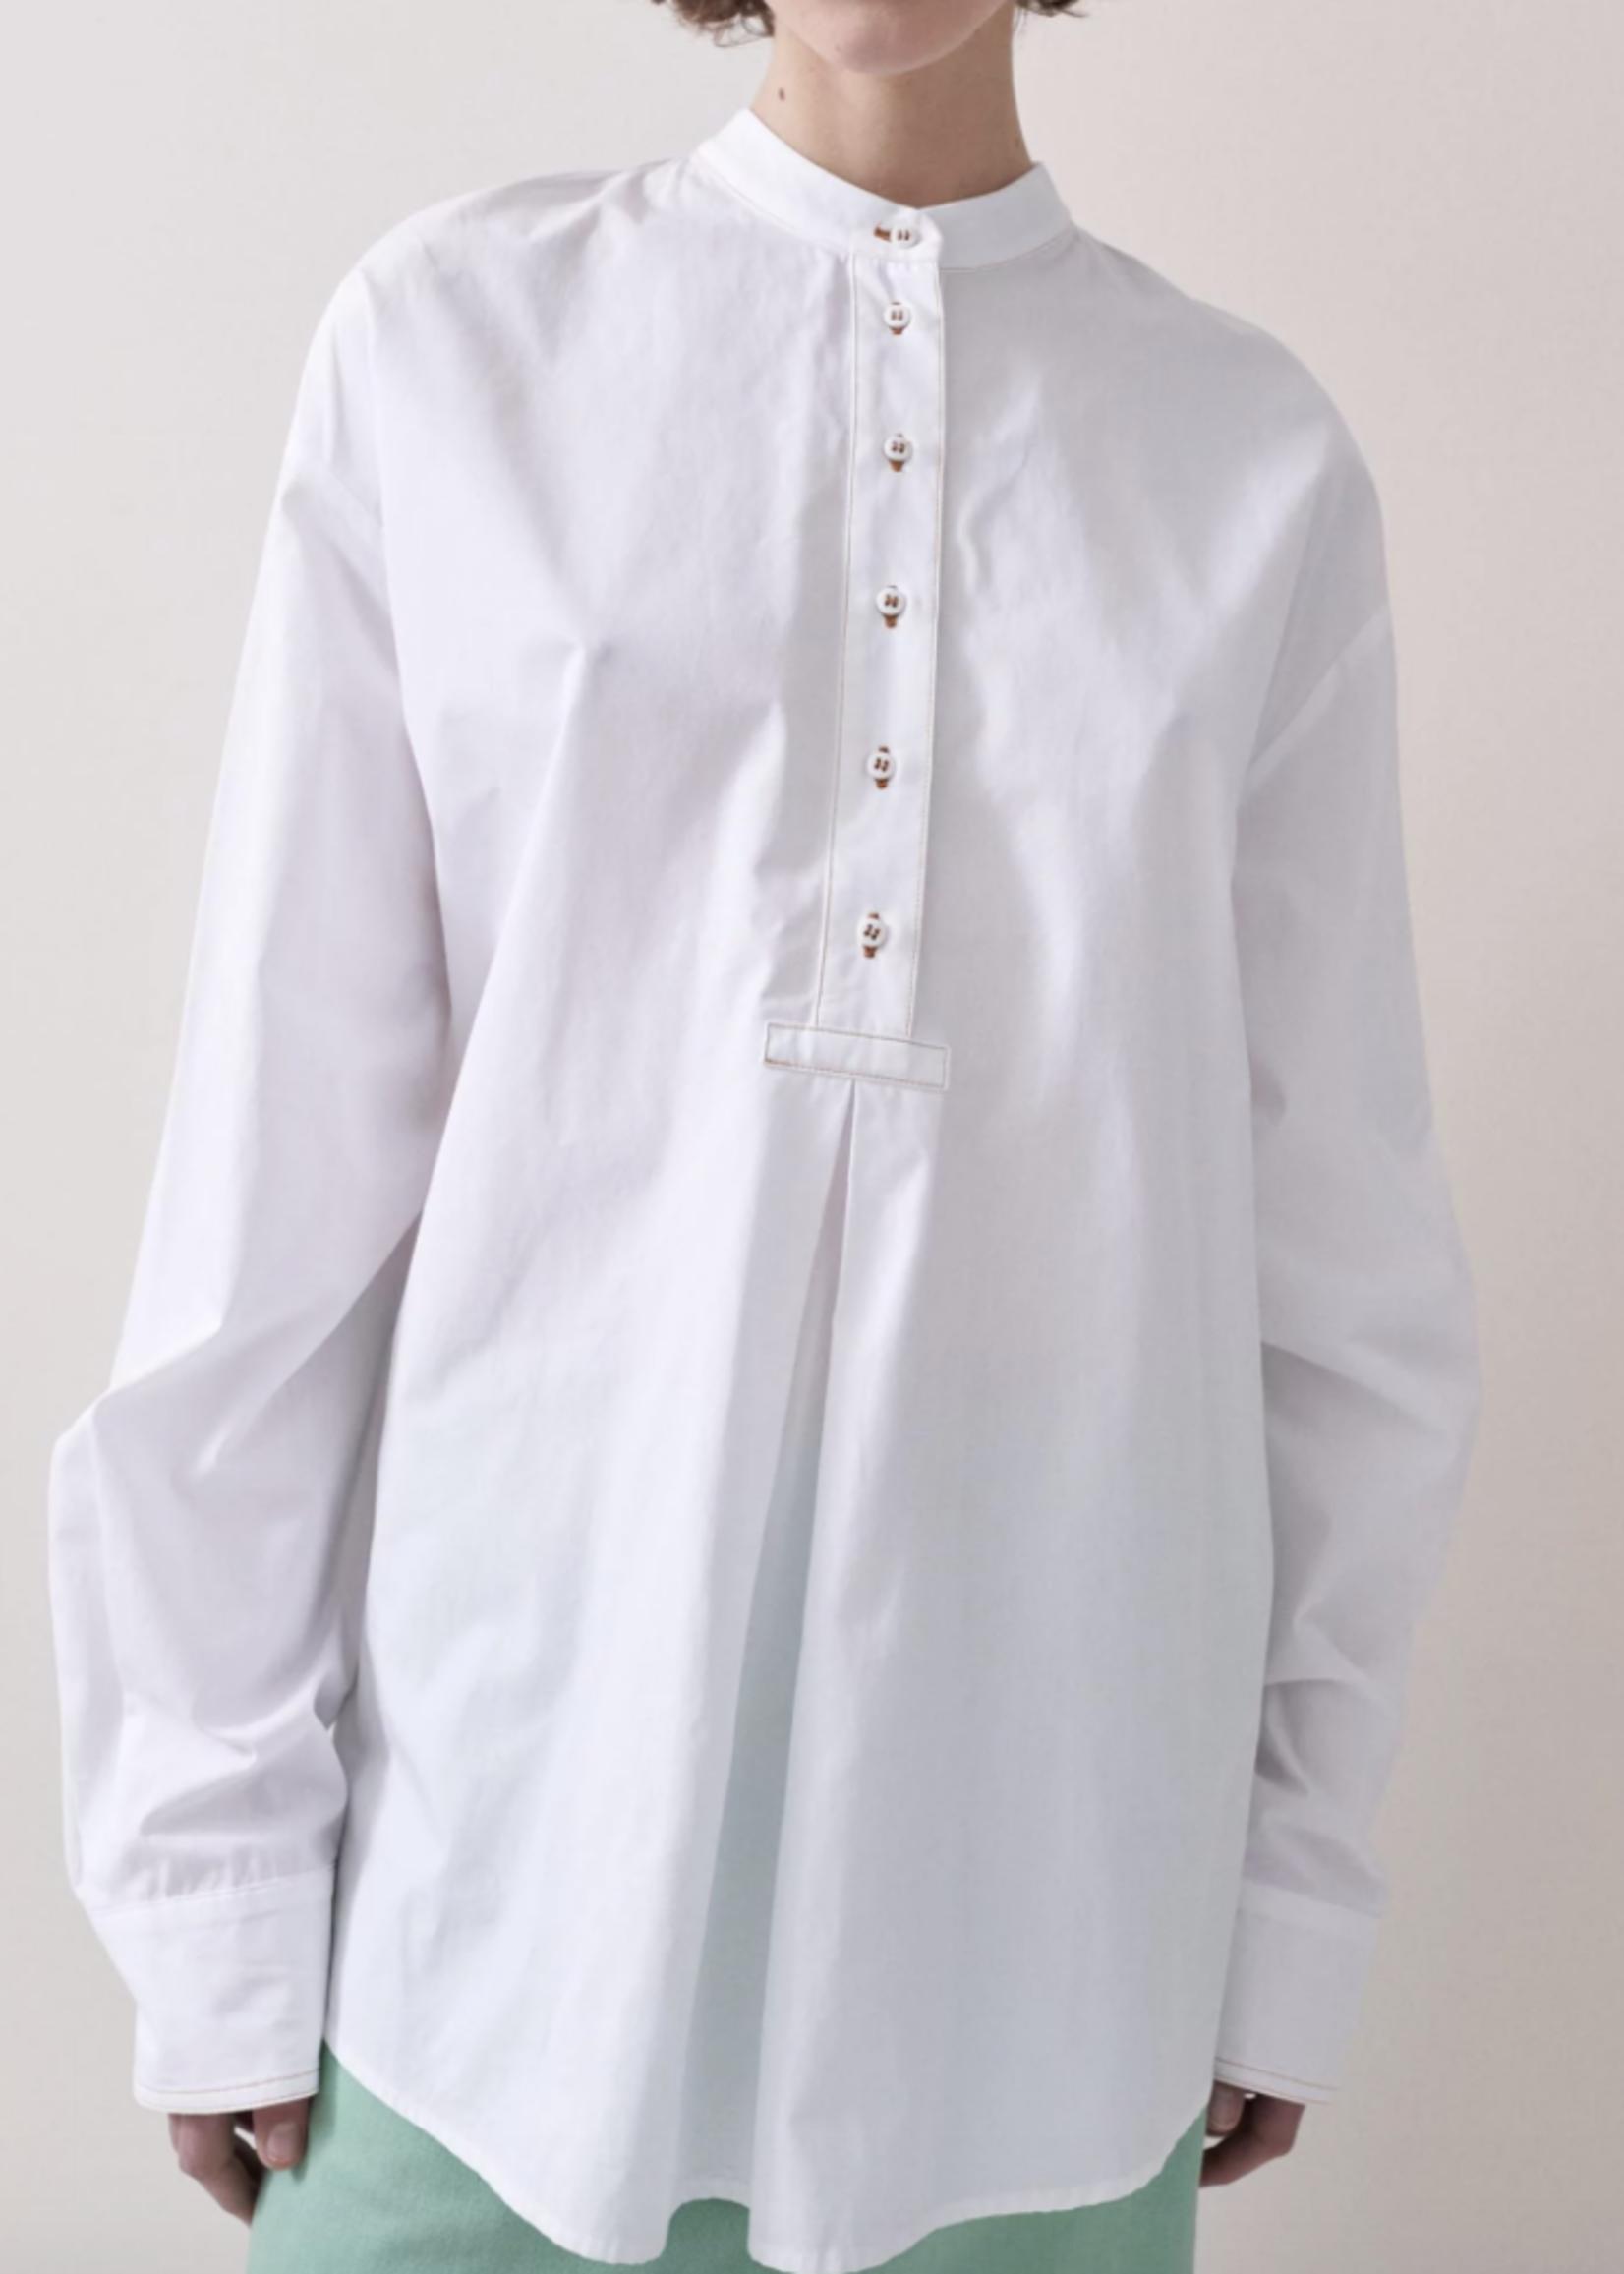 rikastudios rika studios kiara shirt white cotton